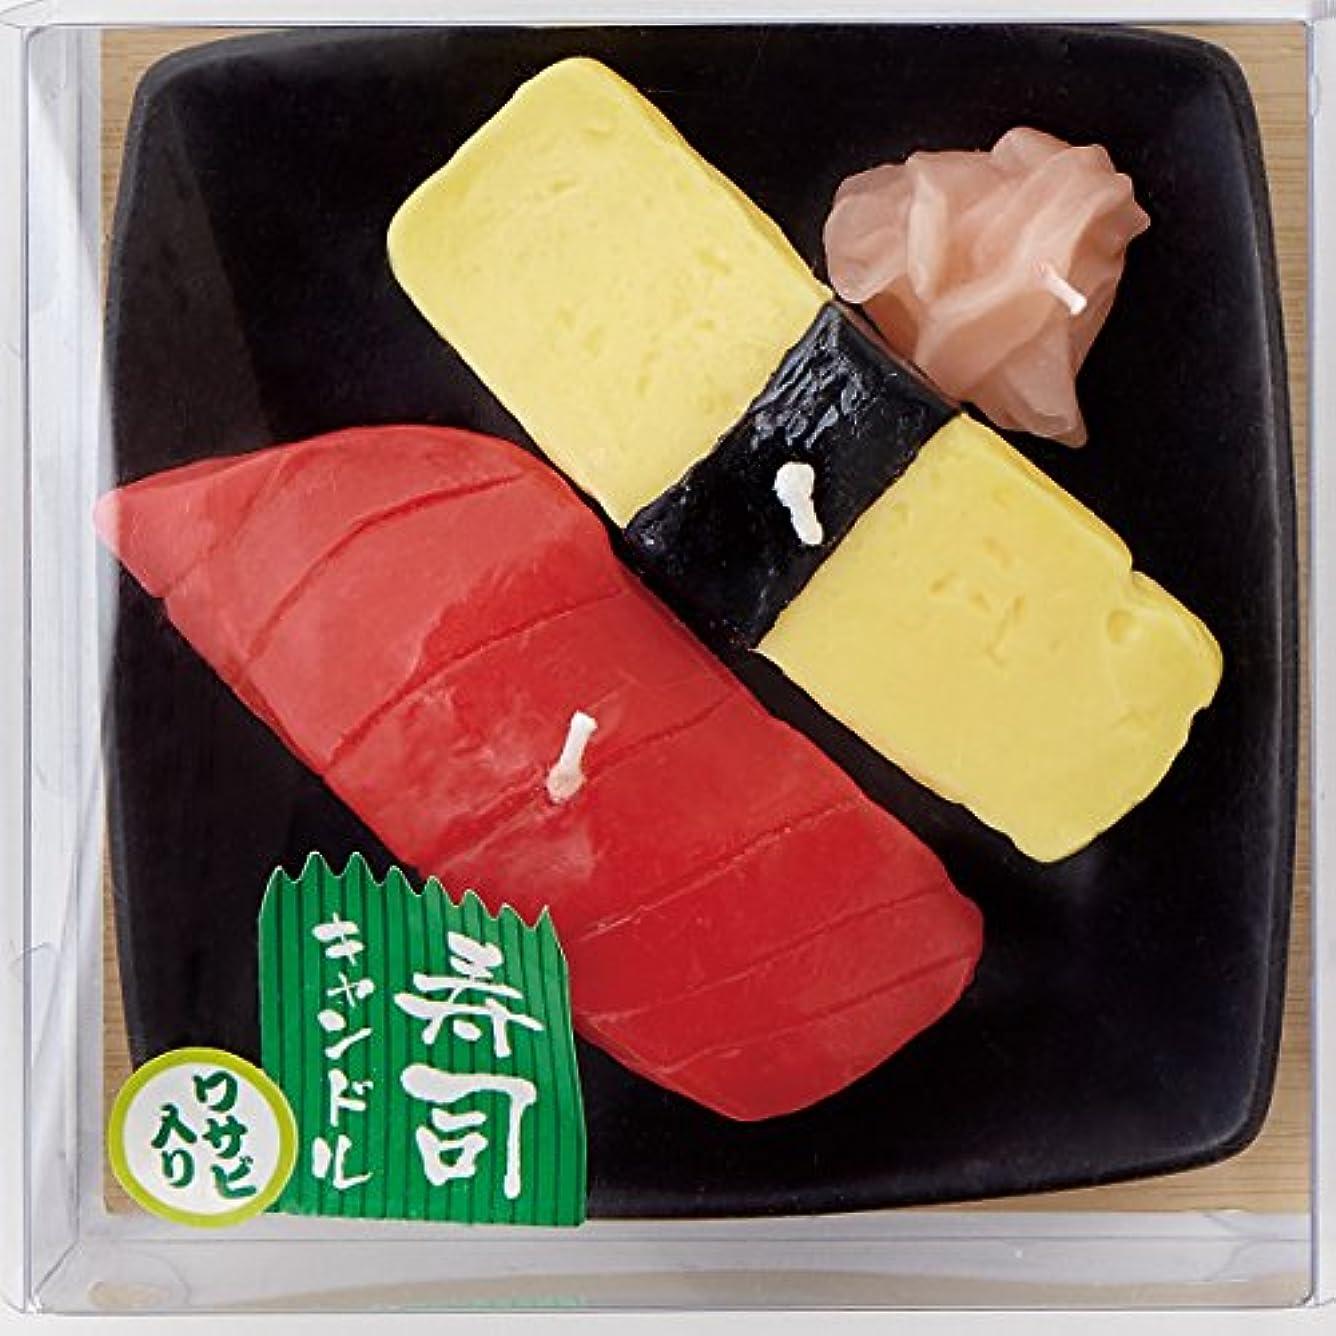 絶縁する対人とげのある寿司キャンドル A(マグロ?玉子) サビ入